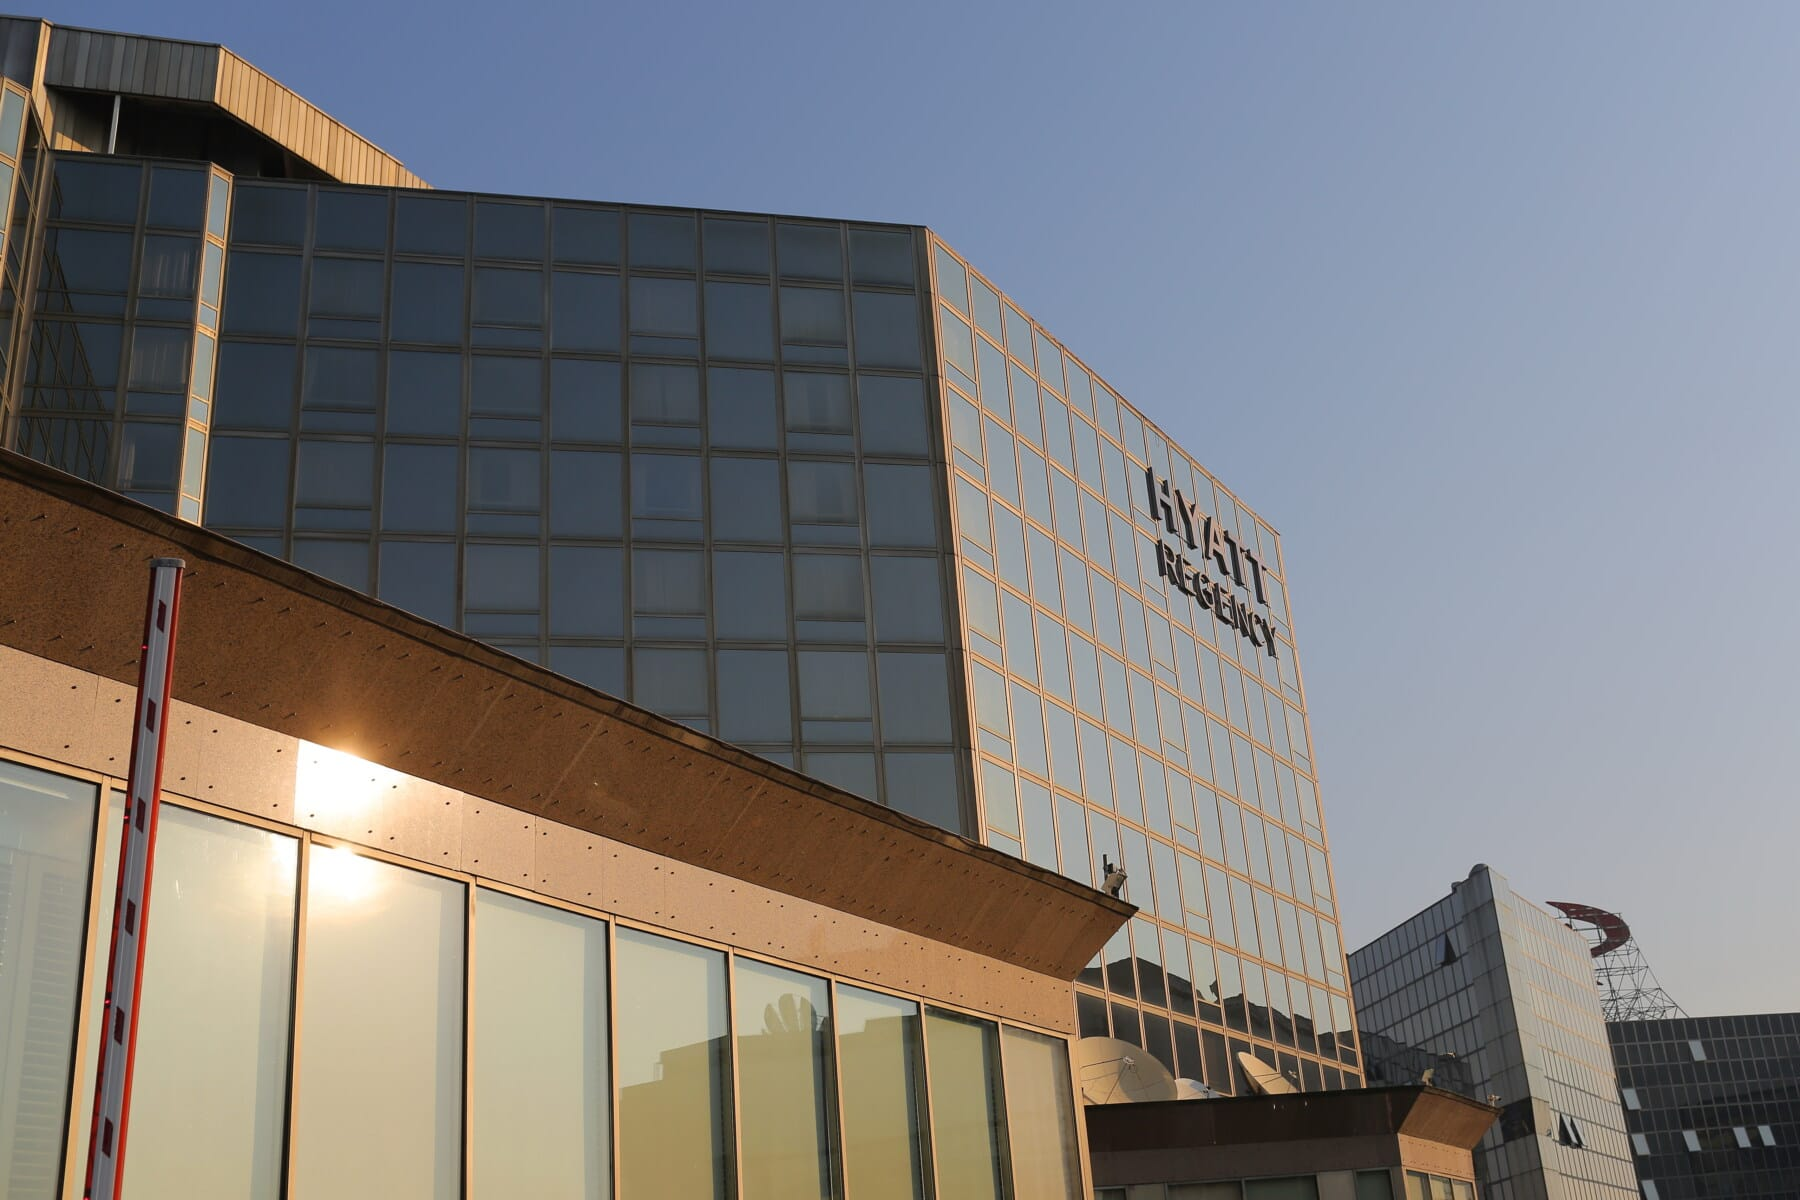 Hyatt Regency otel, süslü, bina, cam, modern, şehir, mimari, ofis, gökdelen, şehir merkezinde